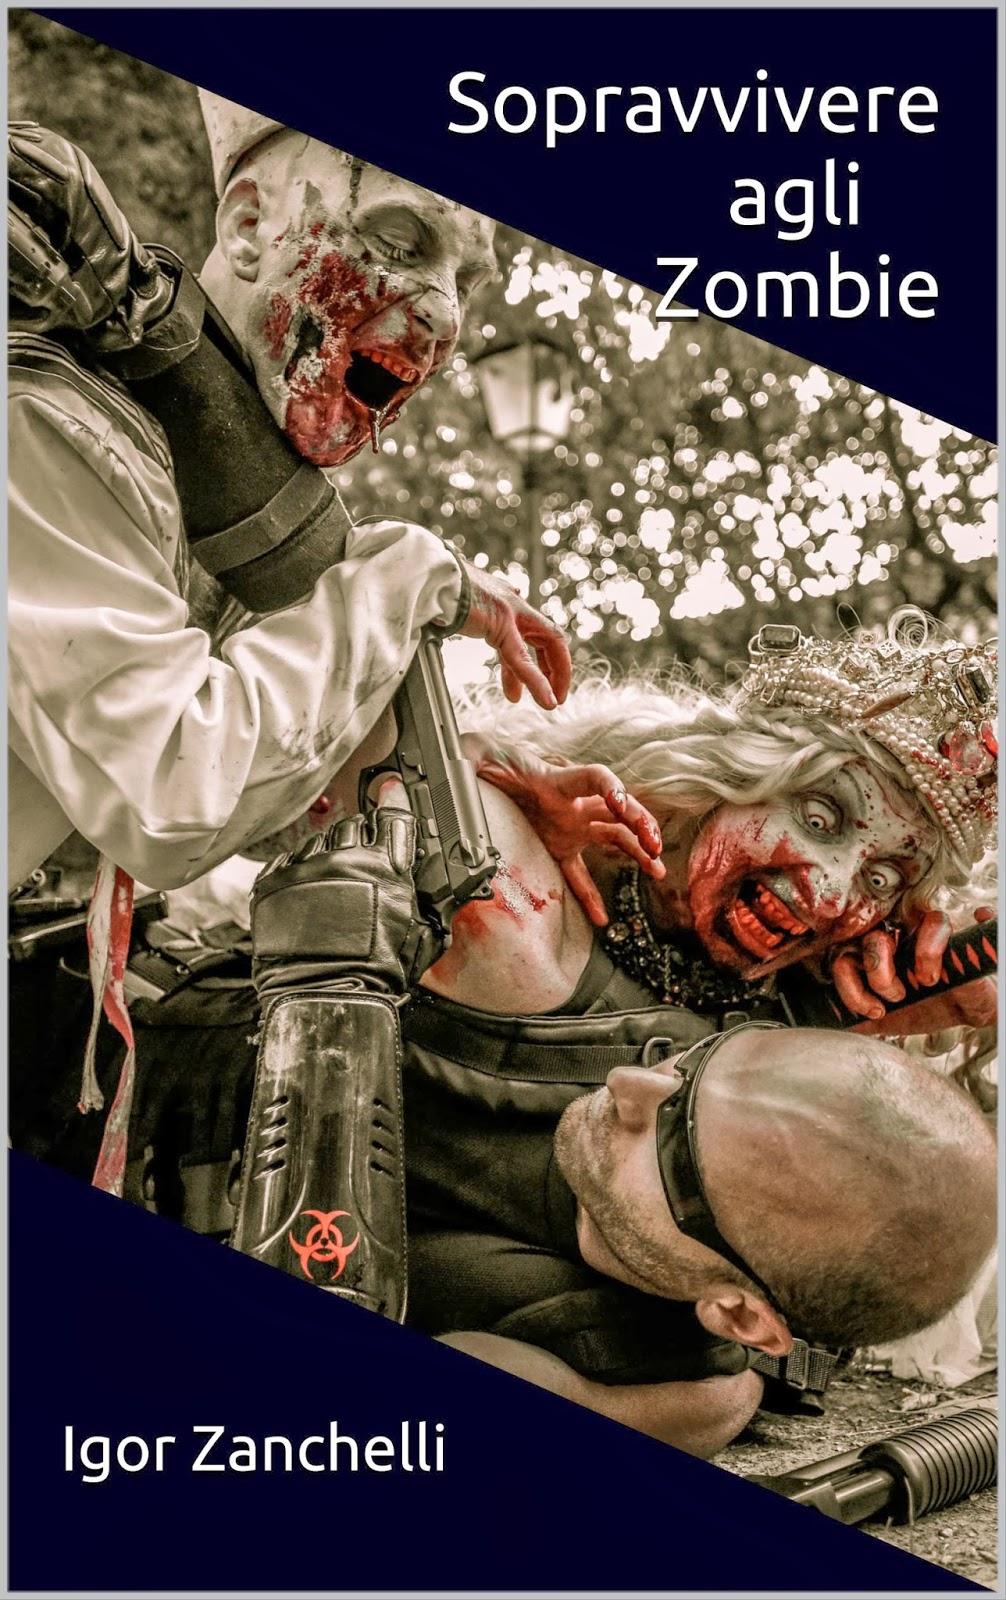 Sopravvivere agli Zombie (cover)